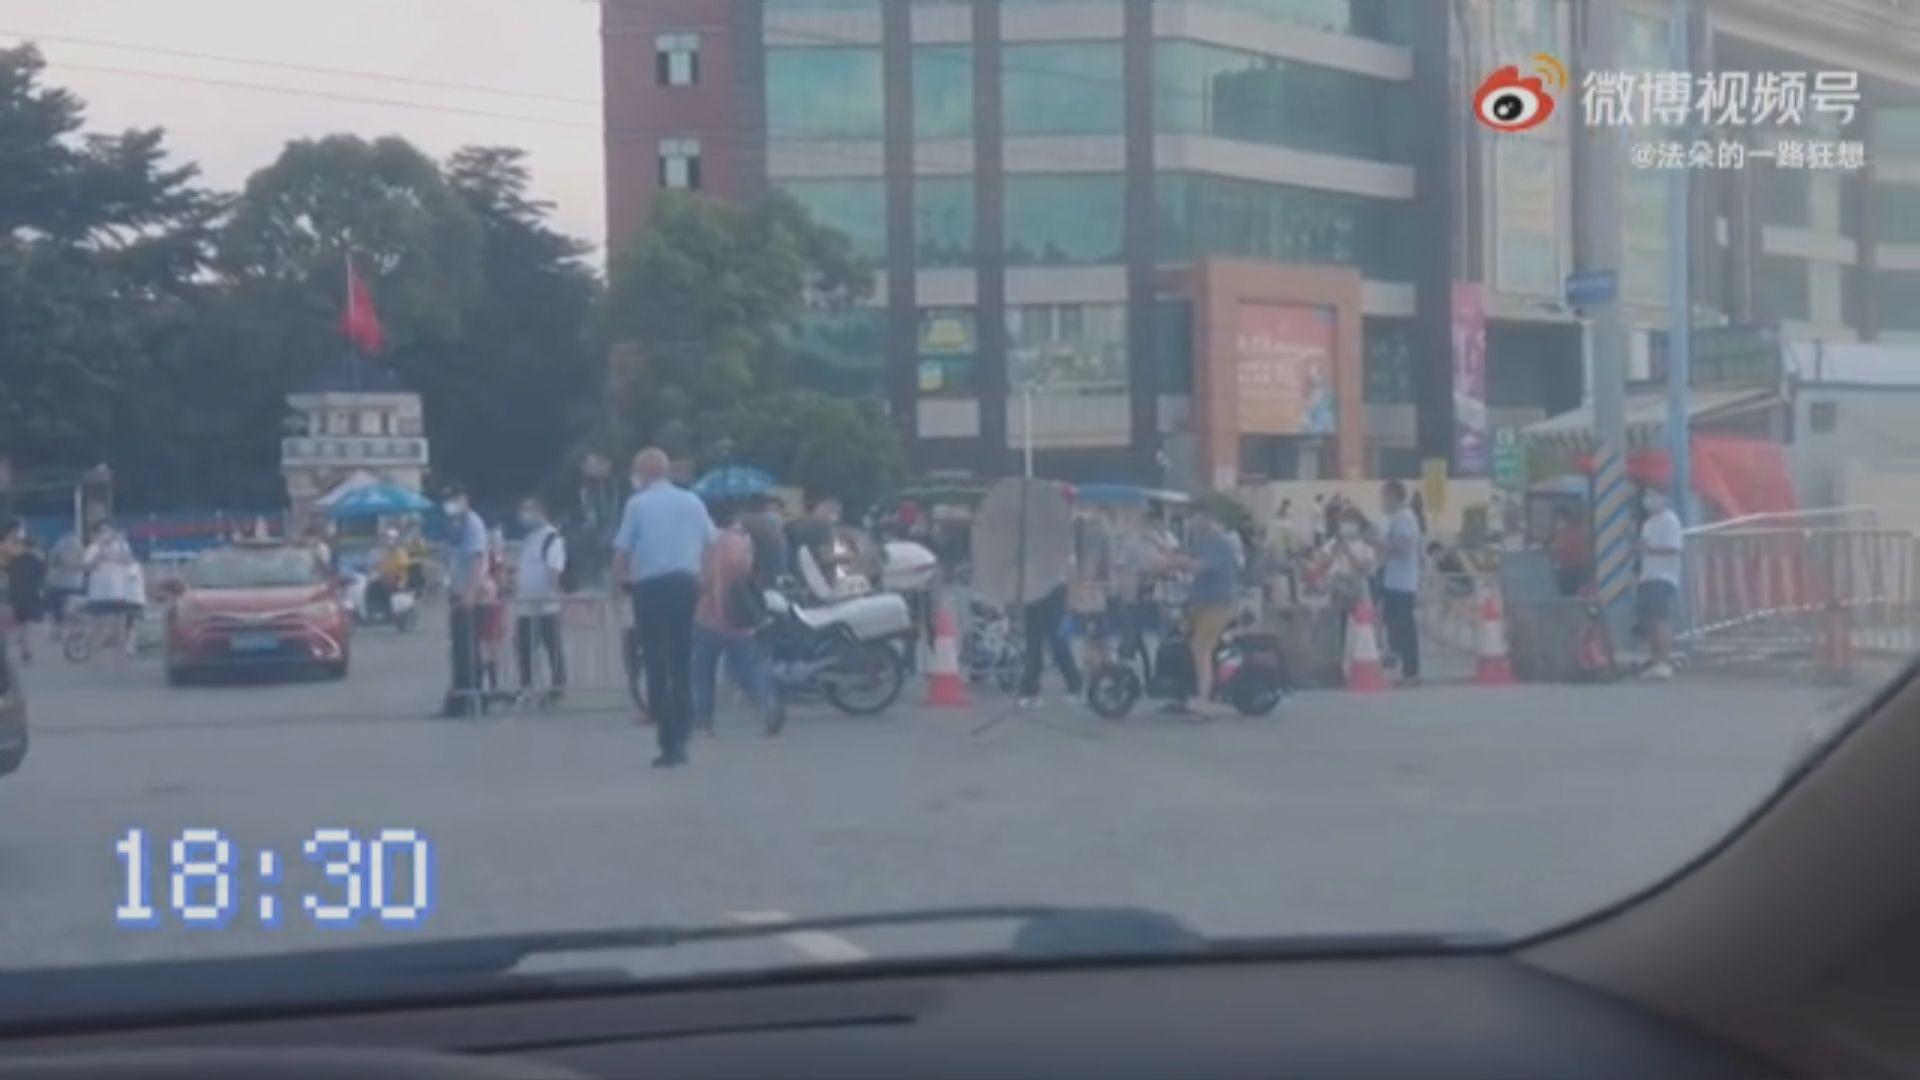 廣州荔灣區18萬人禁足 有居民稱未獲發急需藥物